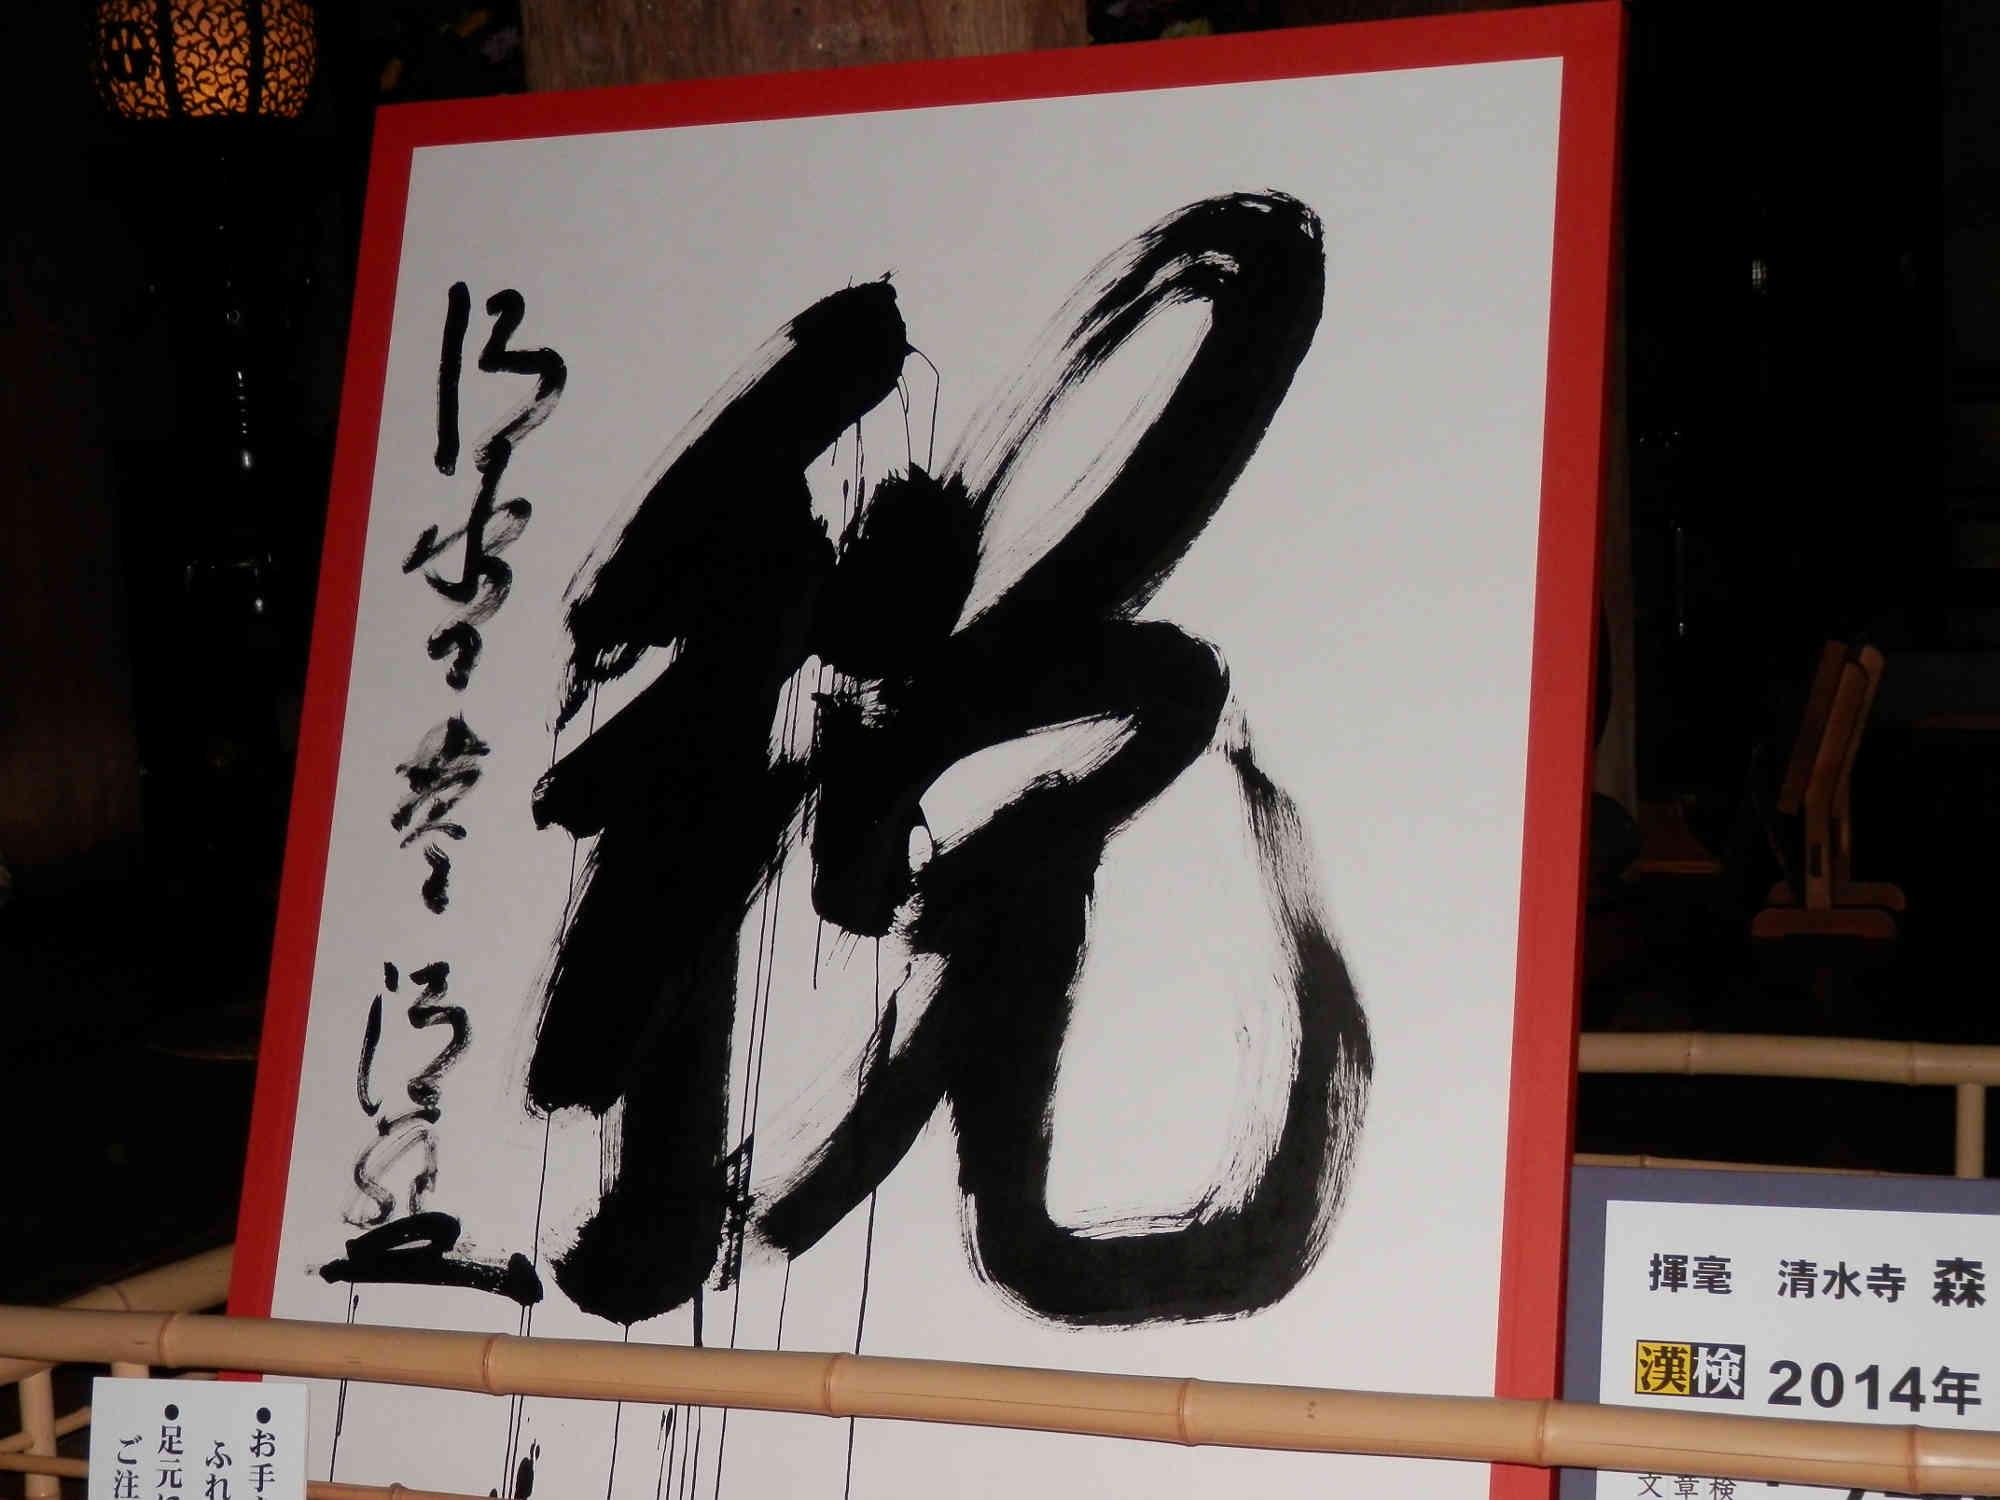 清水寺:今年の漢字「税」